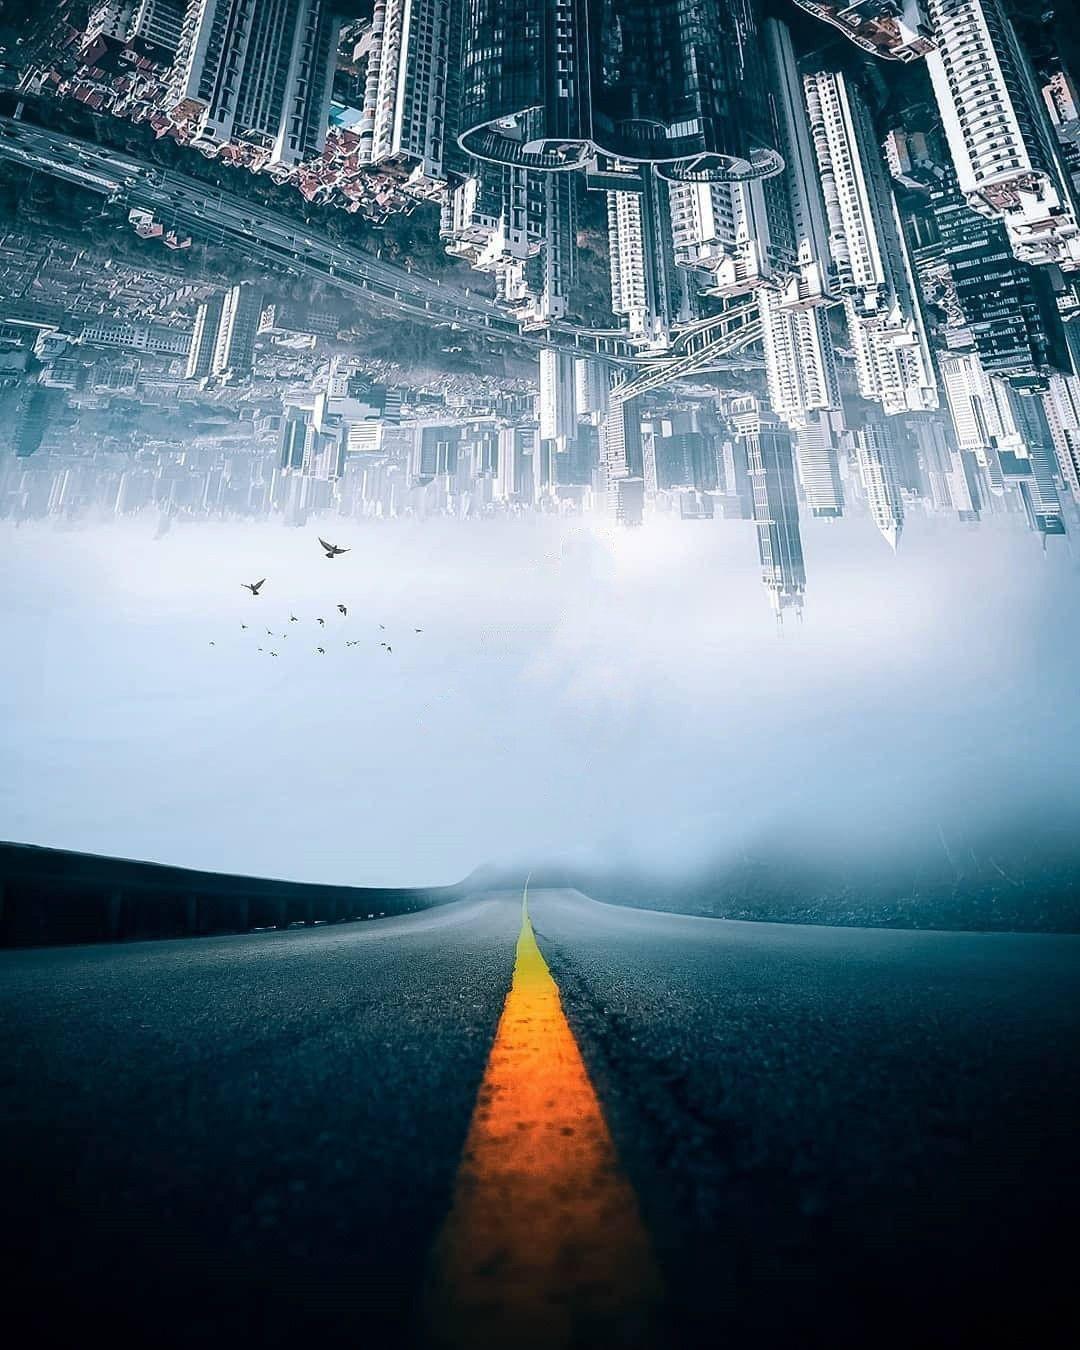 Hình ảnh background thành phố và con đường